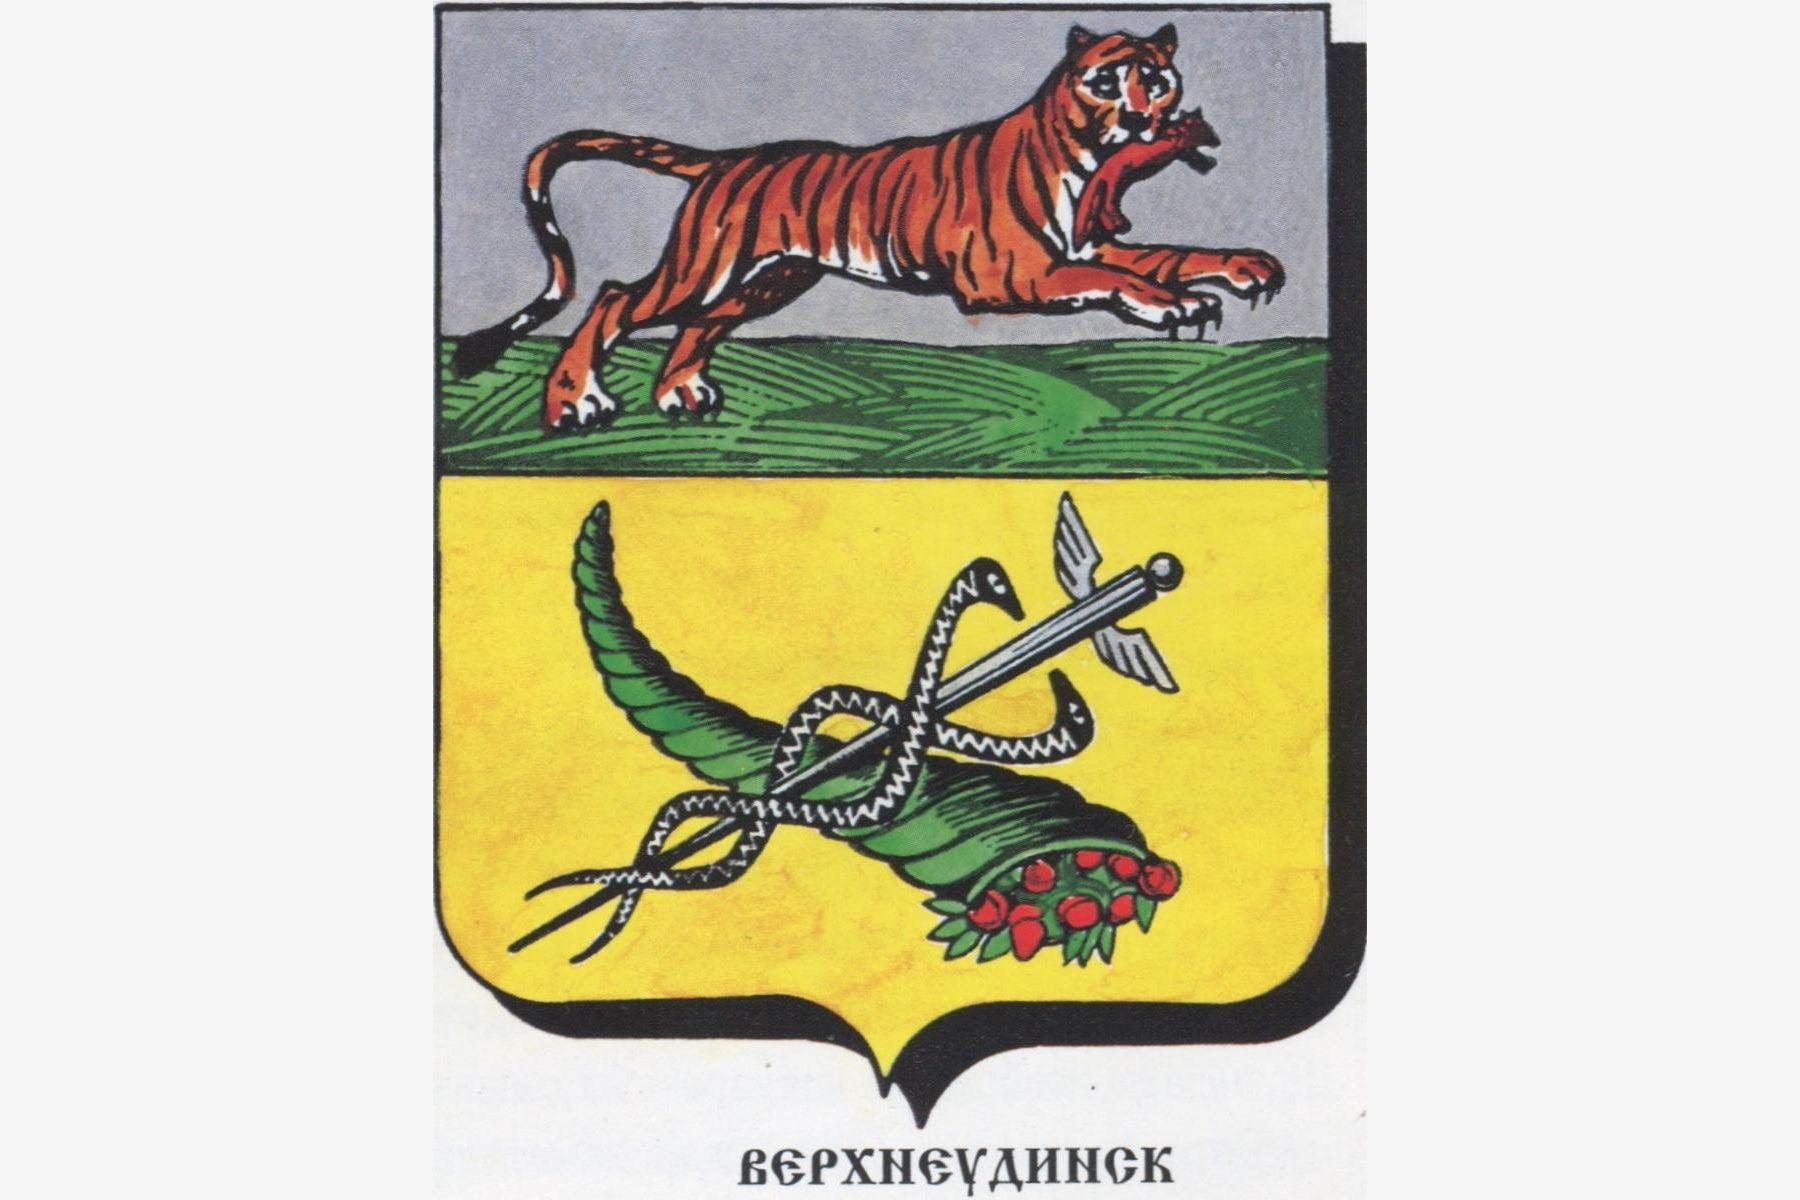 «Этот день в истории: события, факты, люди. Верхнеудинск — Улан-Удэ» — 26 октября